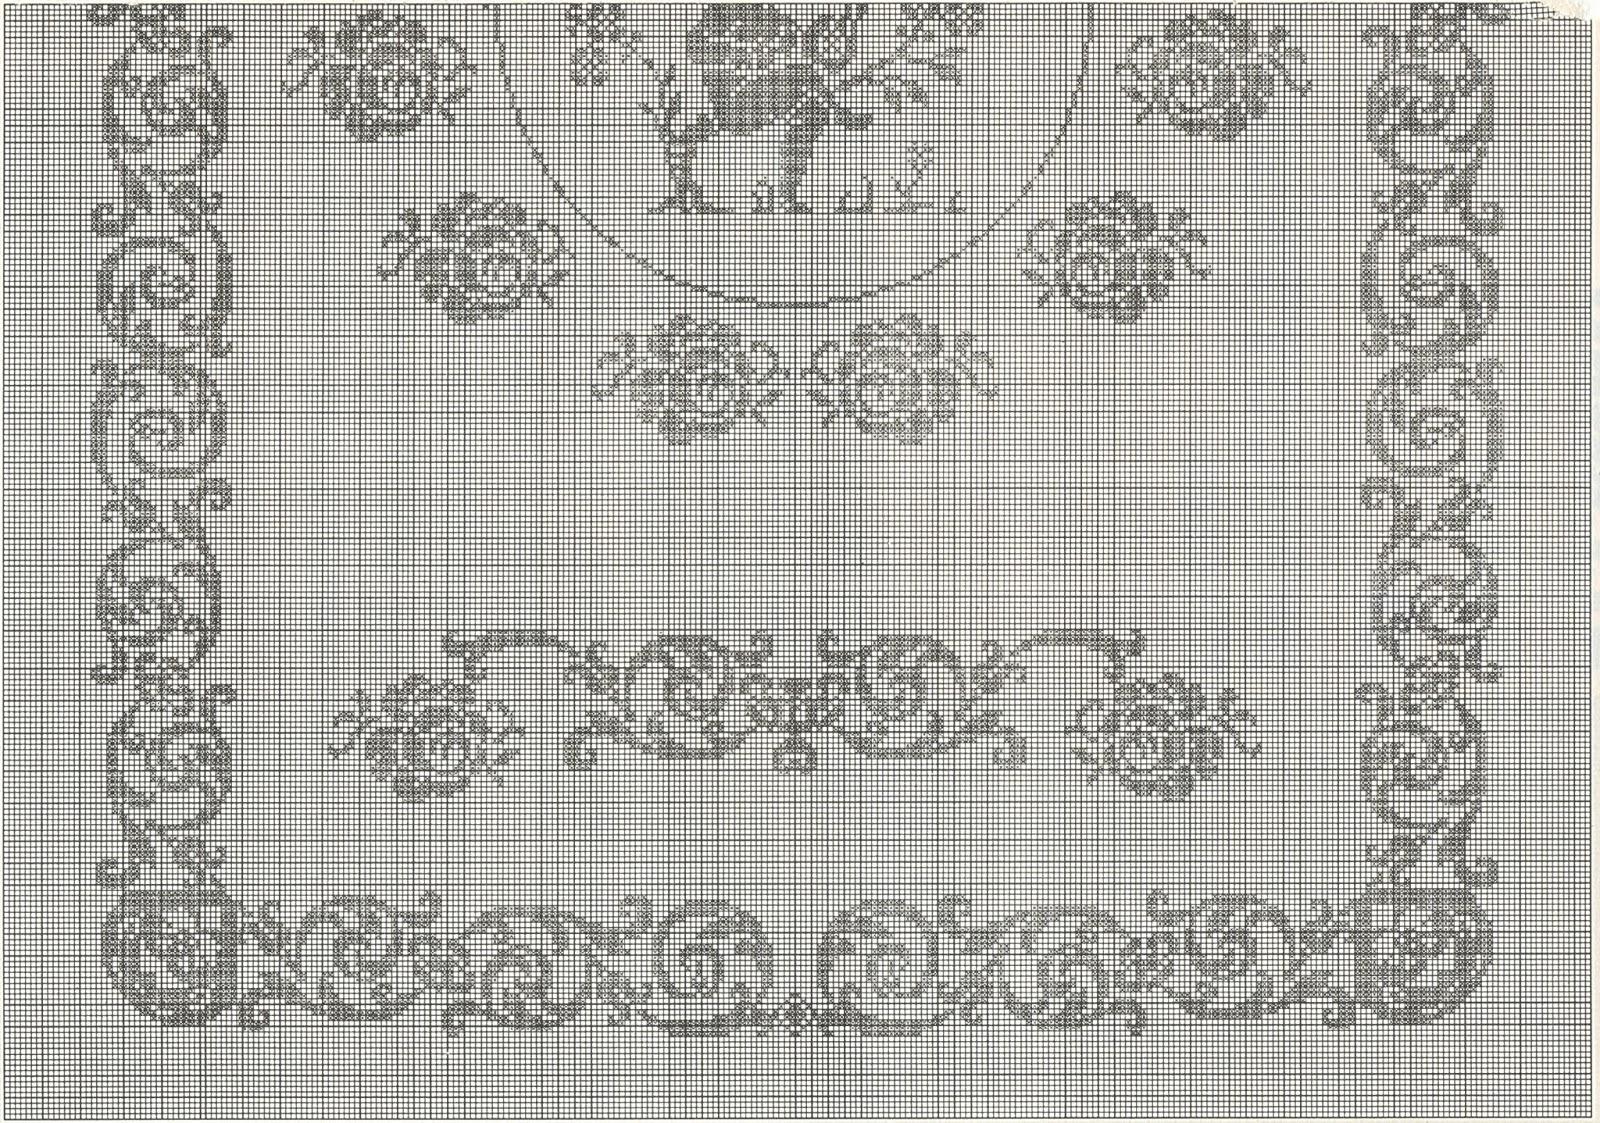 Copertine uncinetto carrozzina schemi ql43 regardsdefemmes for Top all uncinetto schemi